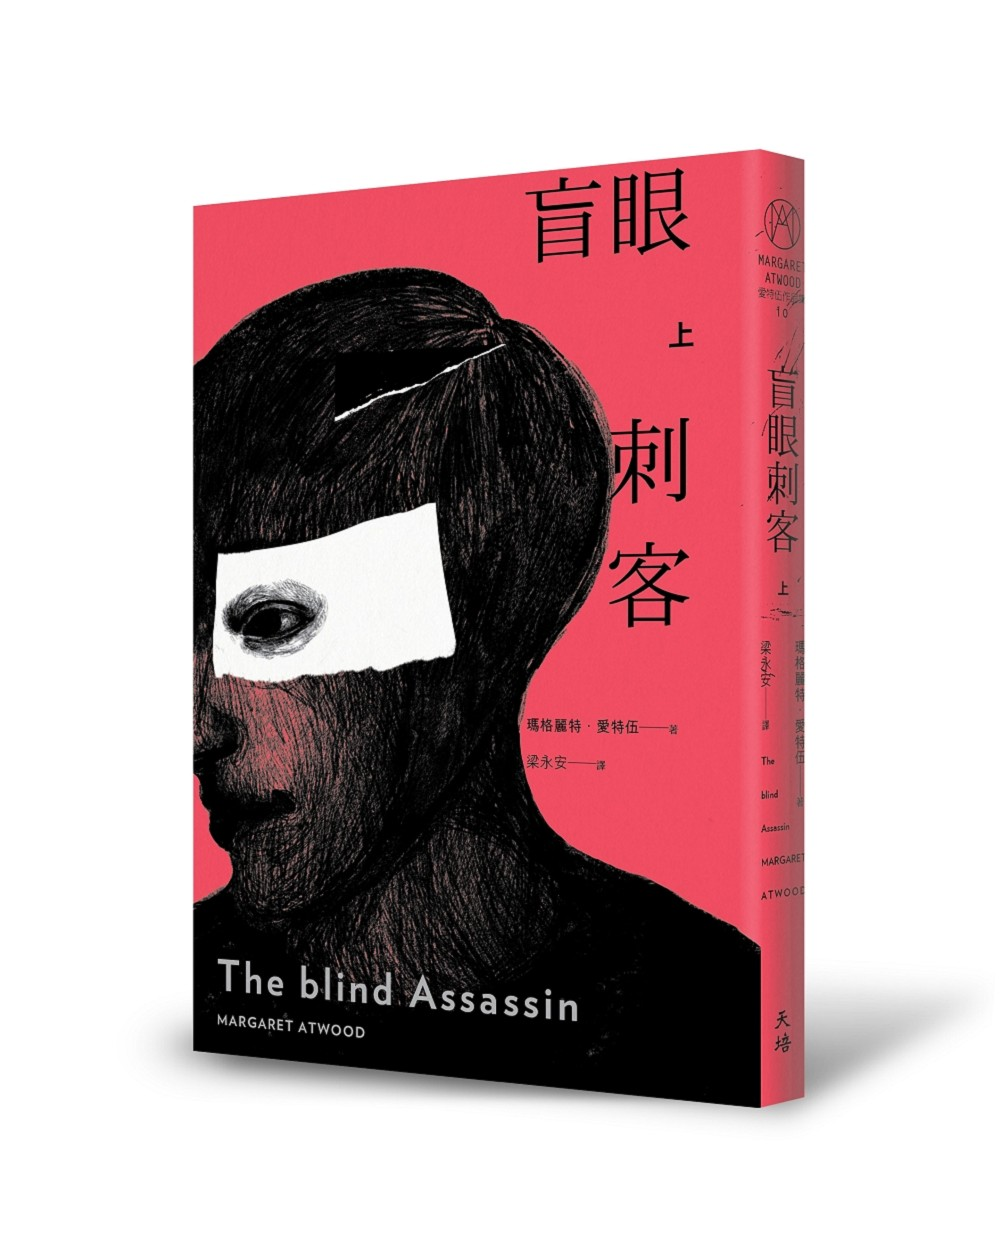 盲眼刺客(上)(增訂新版)